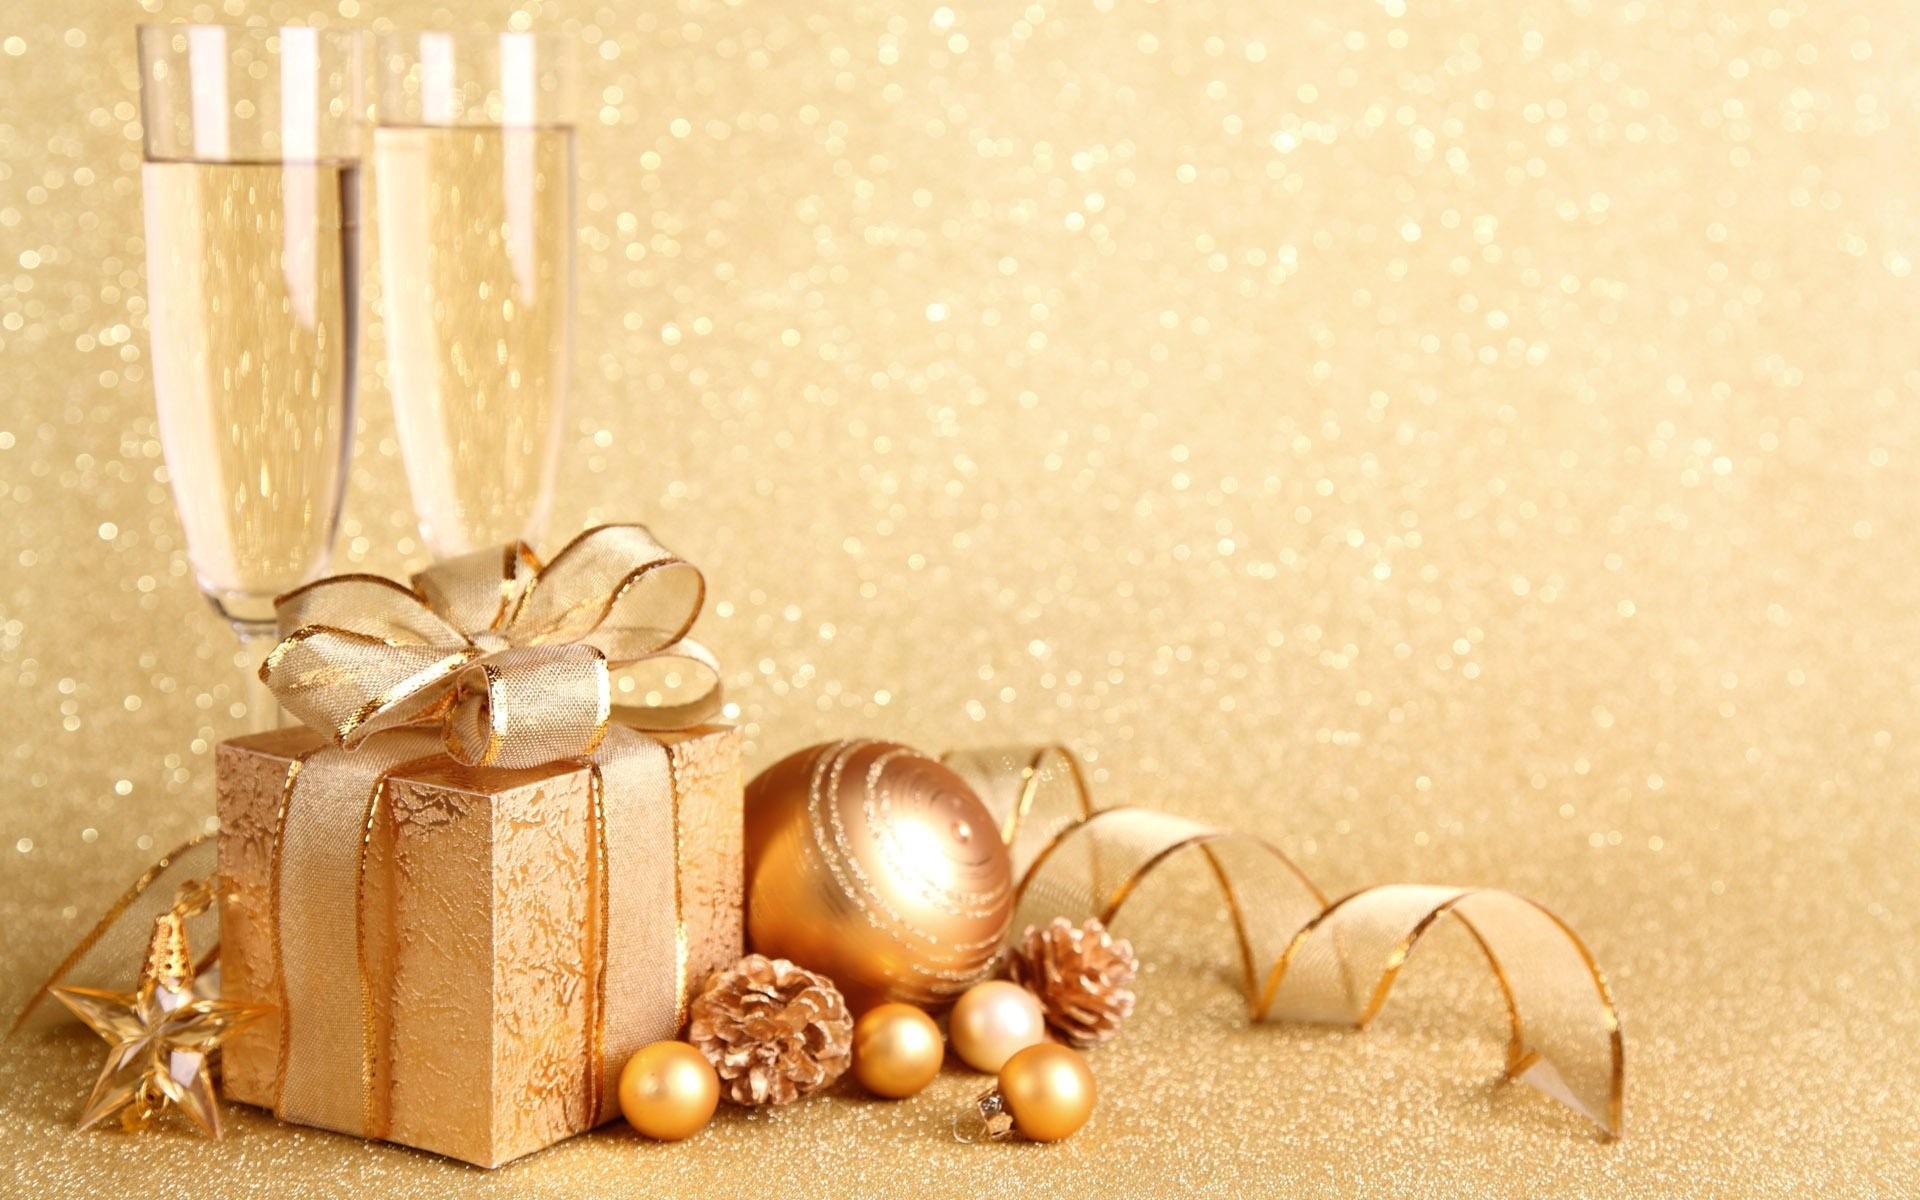 Christmas Present And Globes